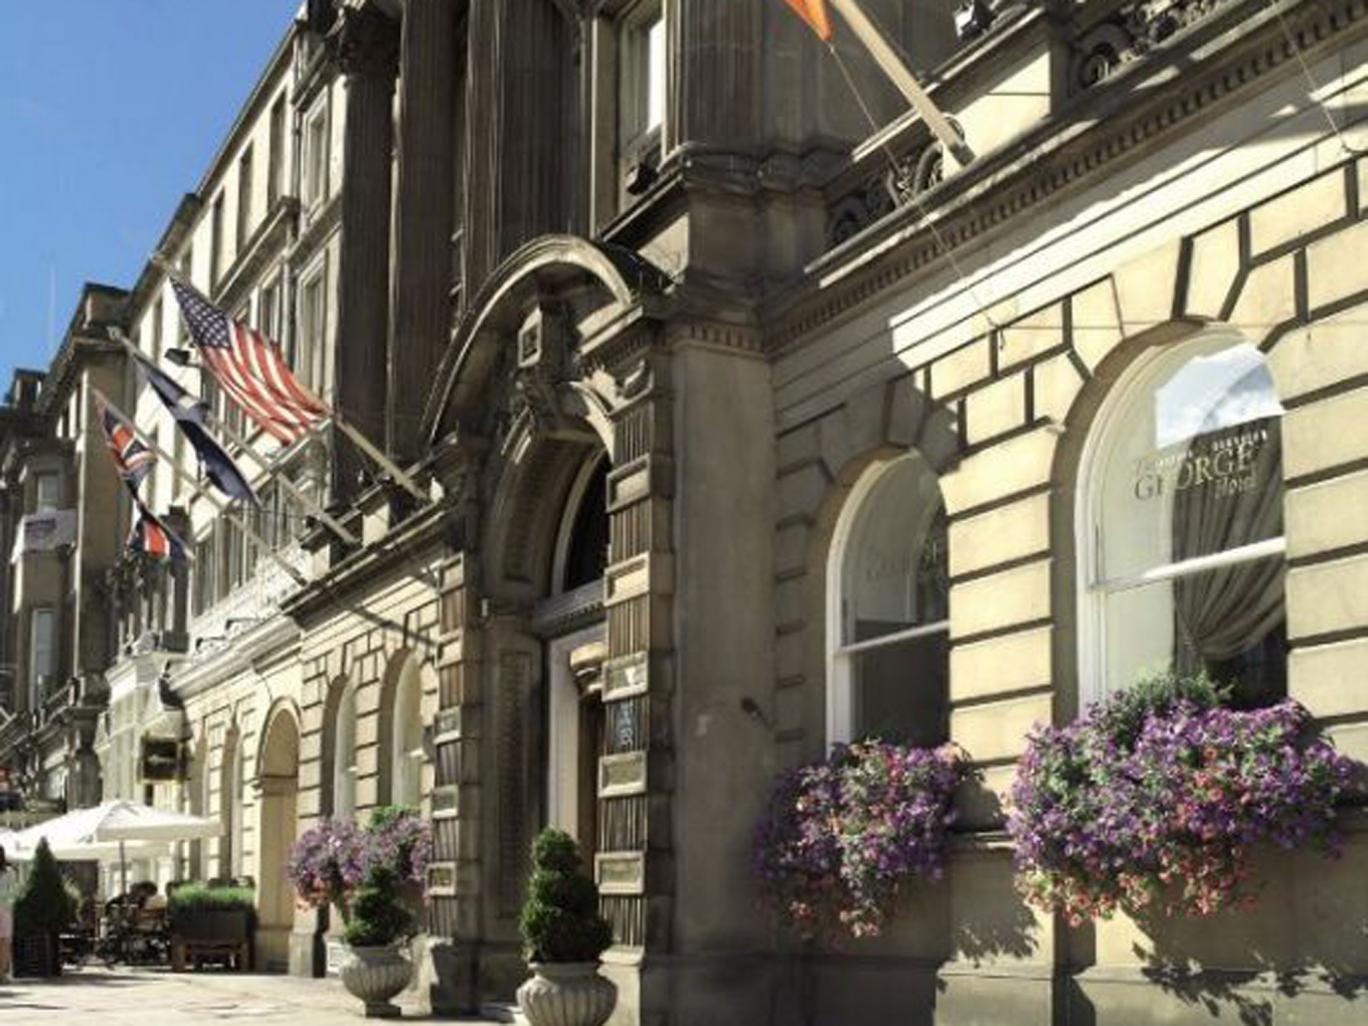 Caledonian sleeper: the George Hotel in Edinburgh